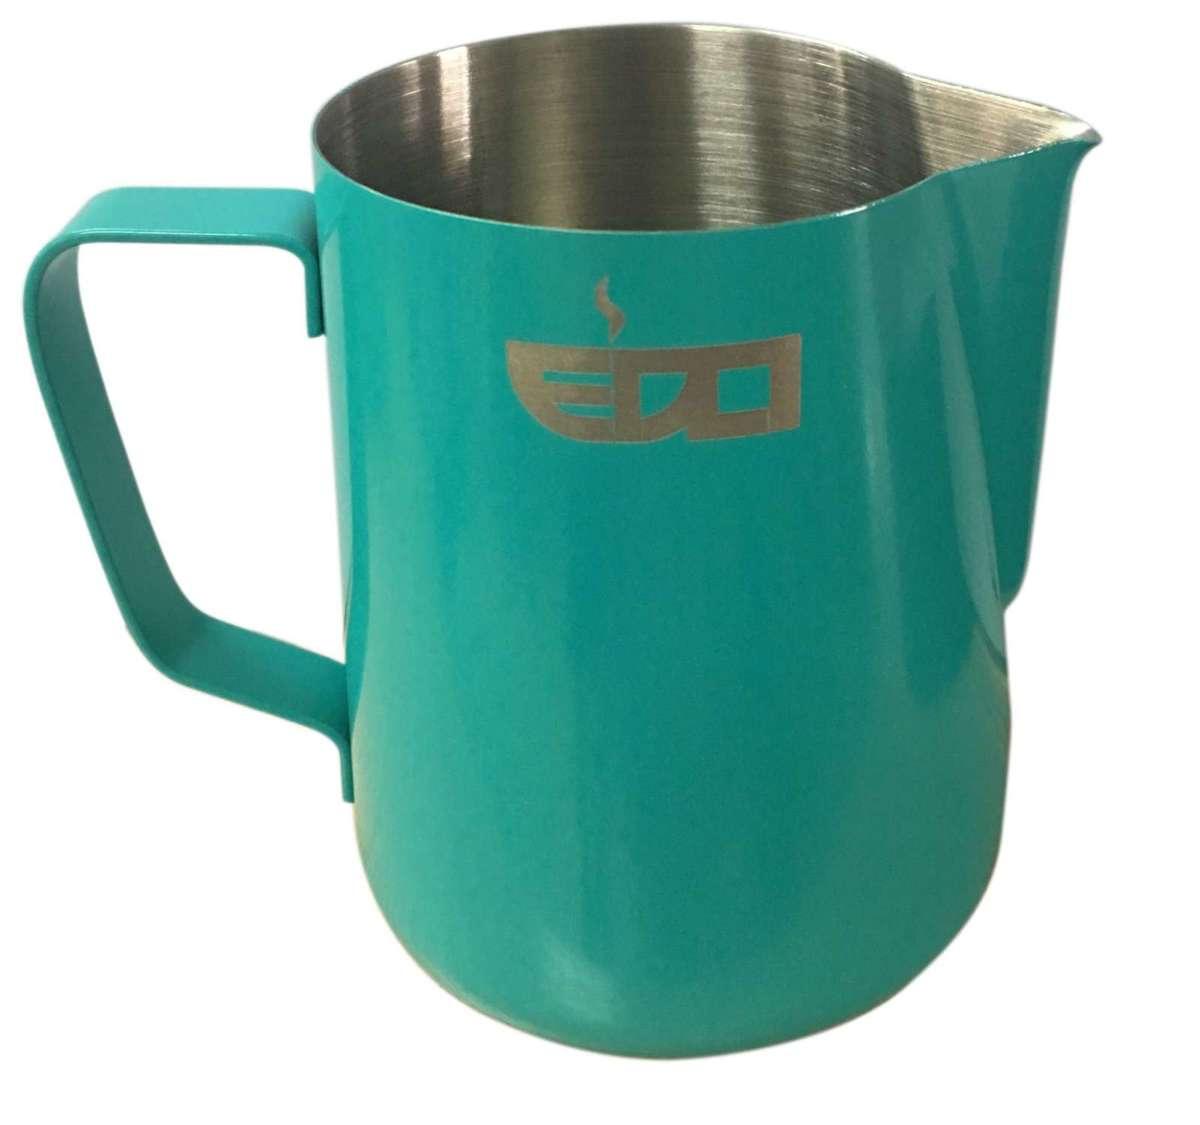 EDO Barista Melkopschuimkan 600ml - Tiffany Blauw kopen